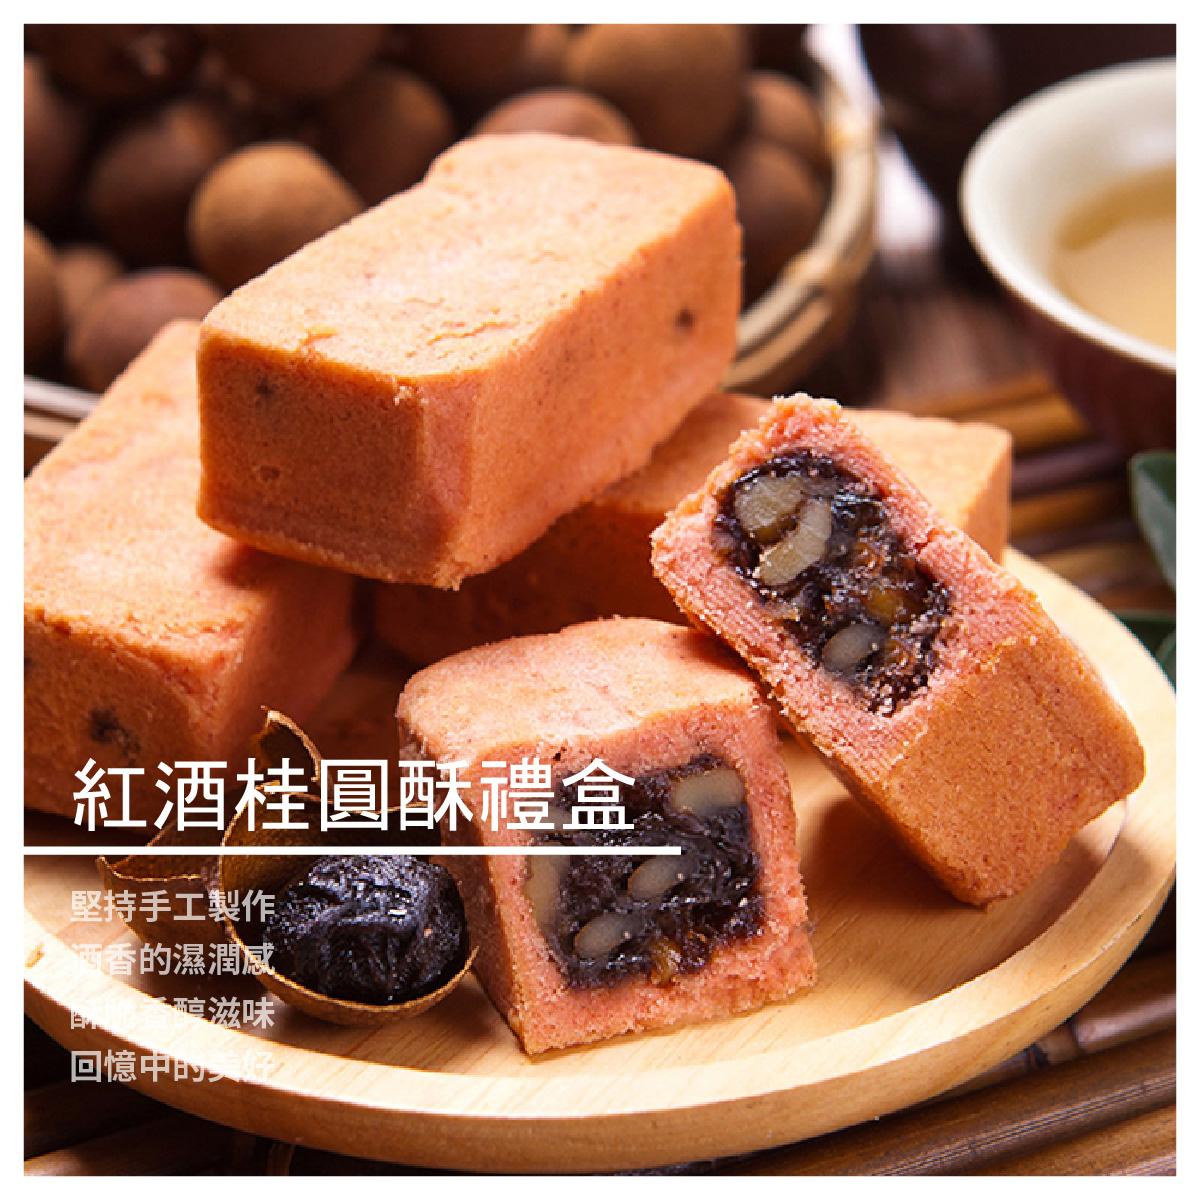 【卡但屋餅店】紅酒桂圓酥禮盒/10入